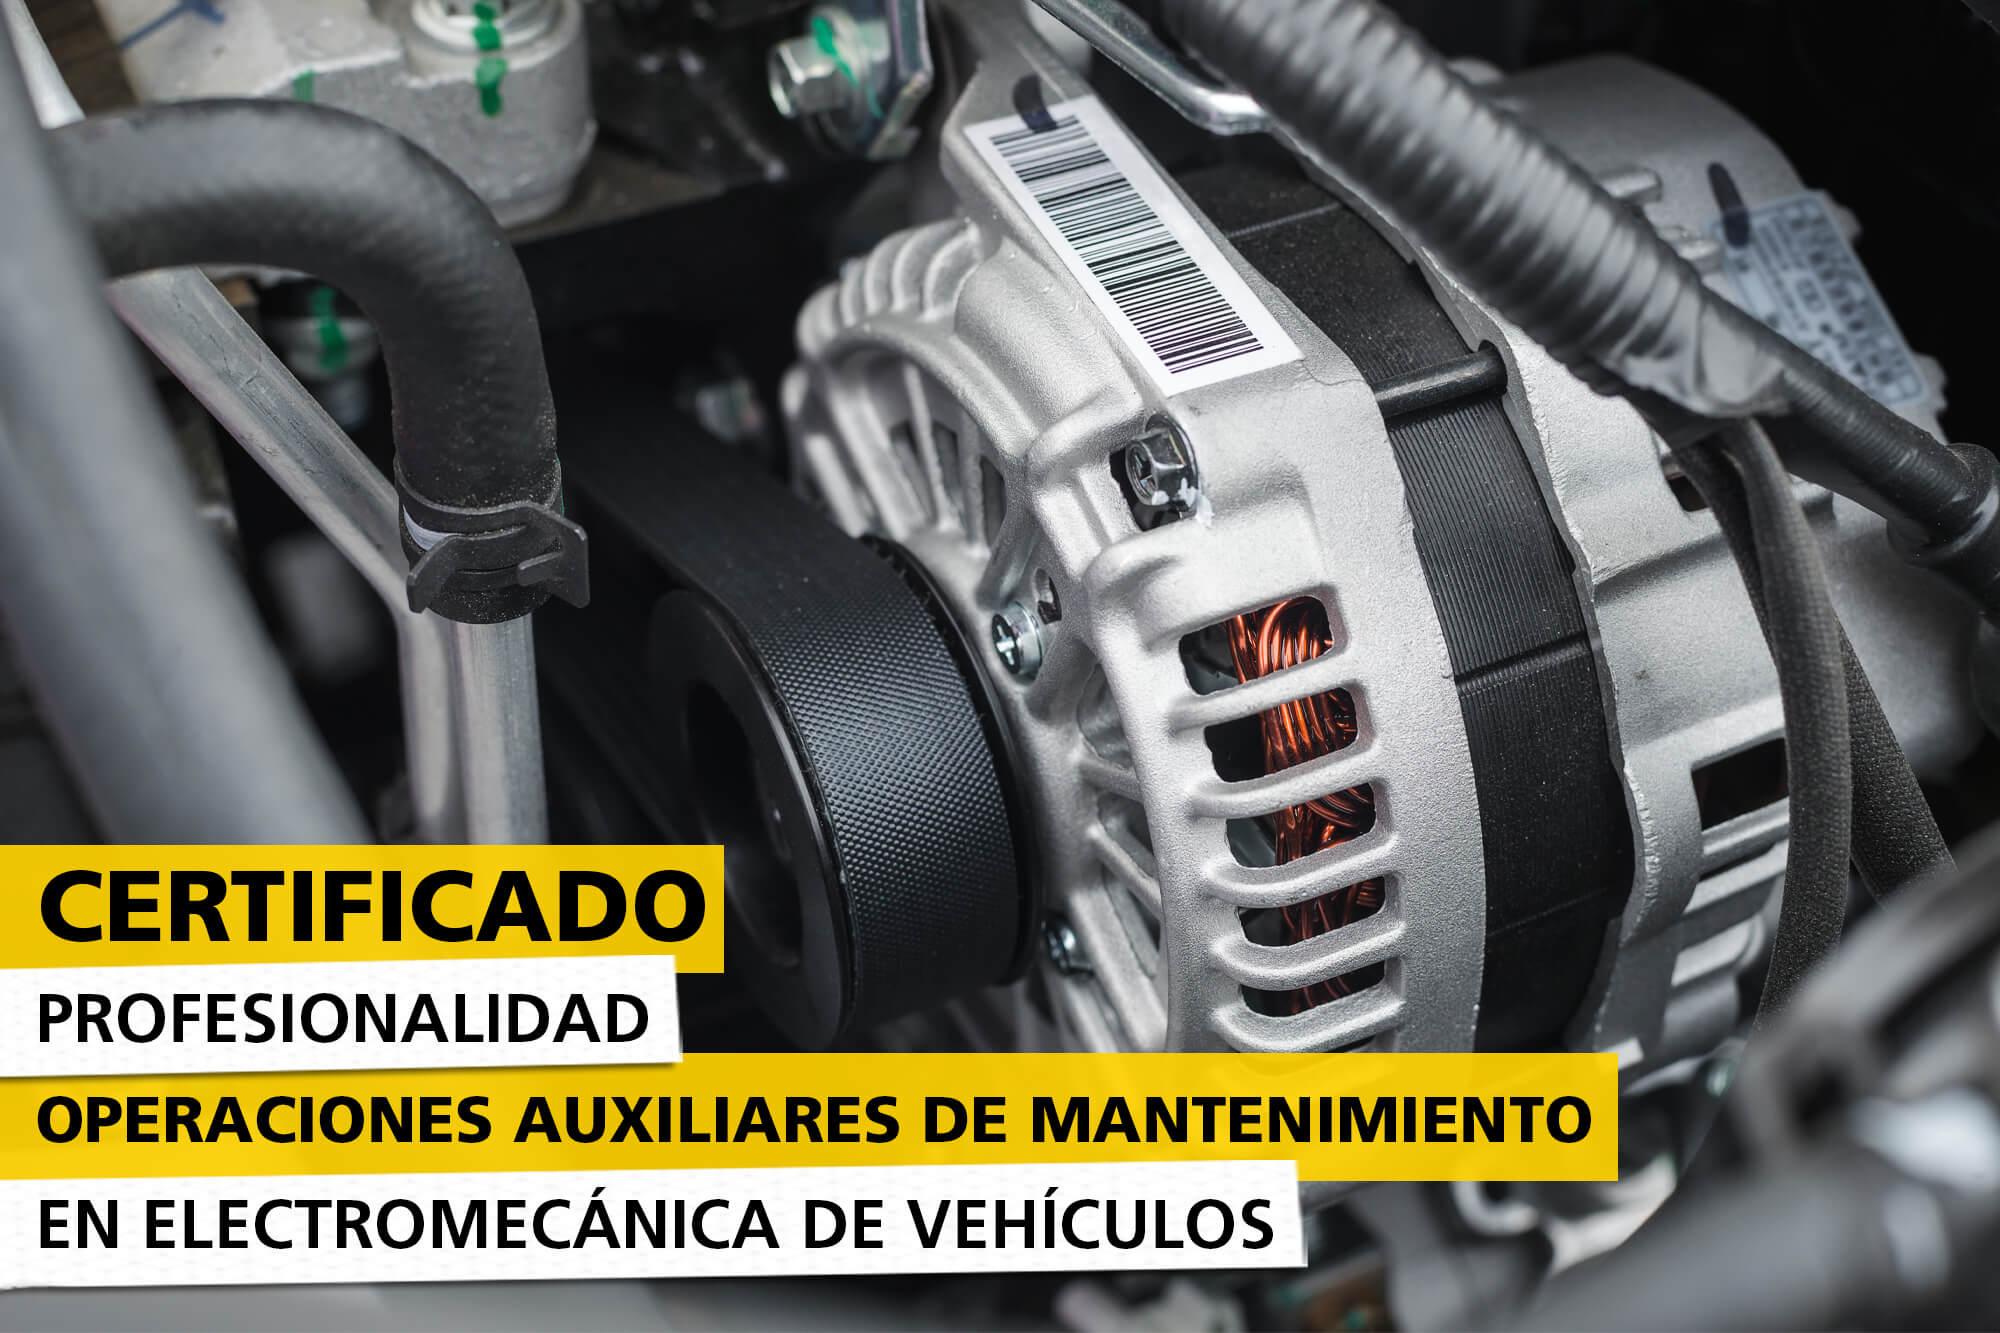 certificado-profesionalidad-operaciones-auxiliares-mantenimiento-electromecanica-vehiculos-img-destacada